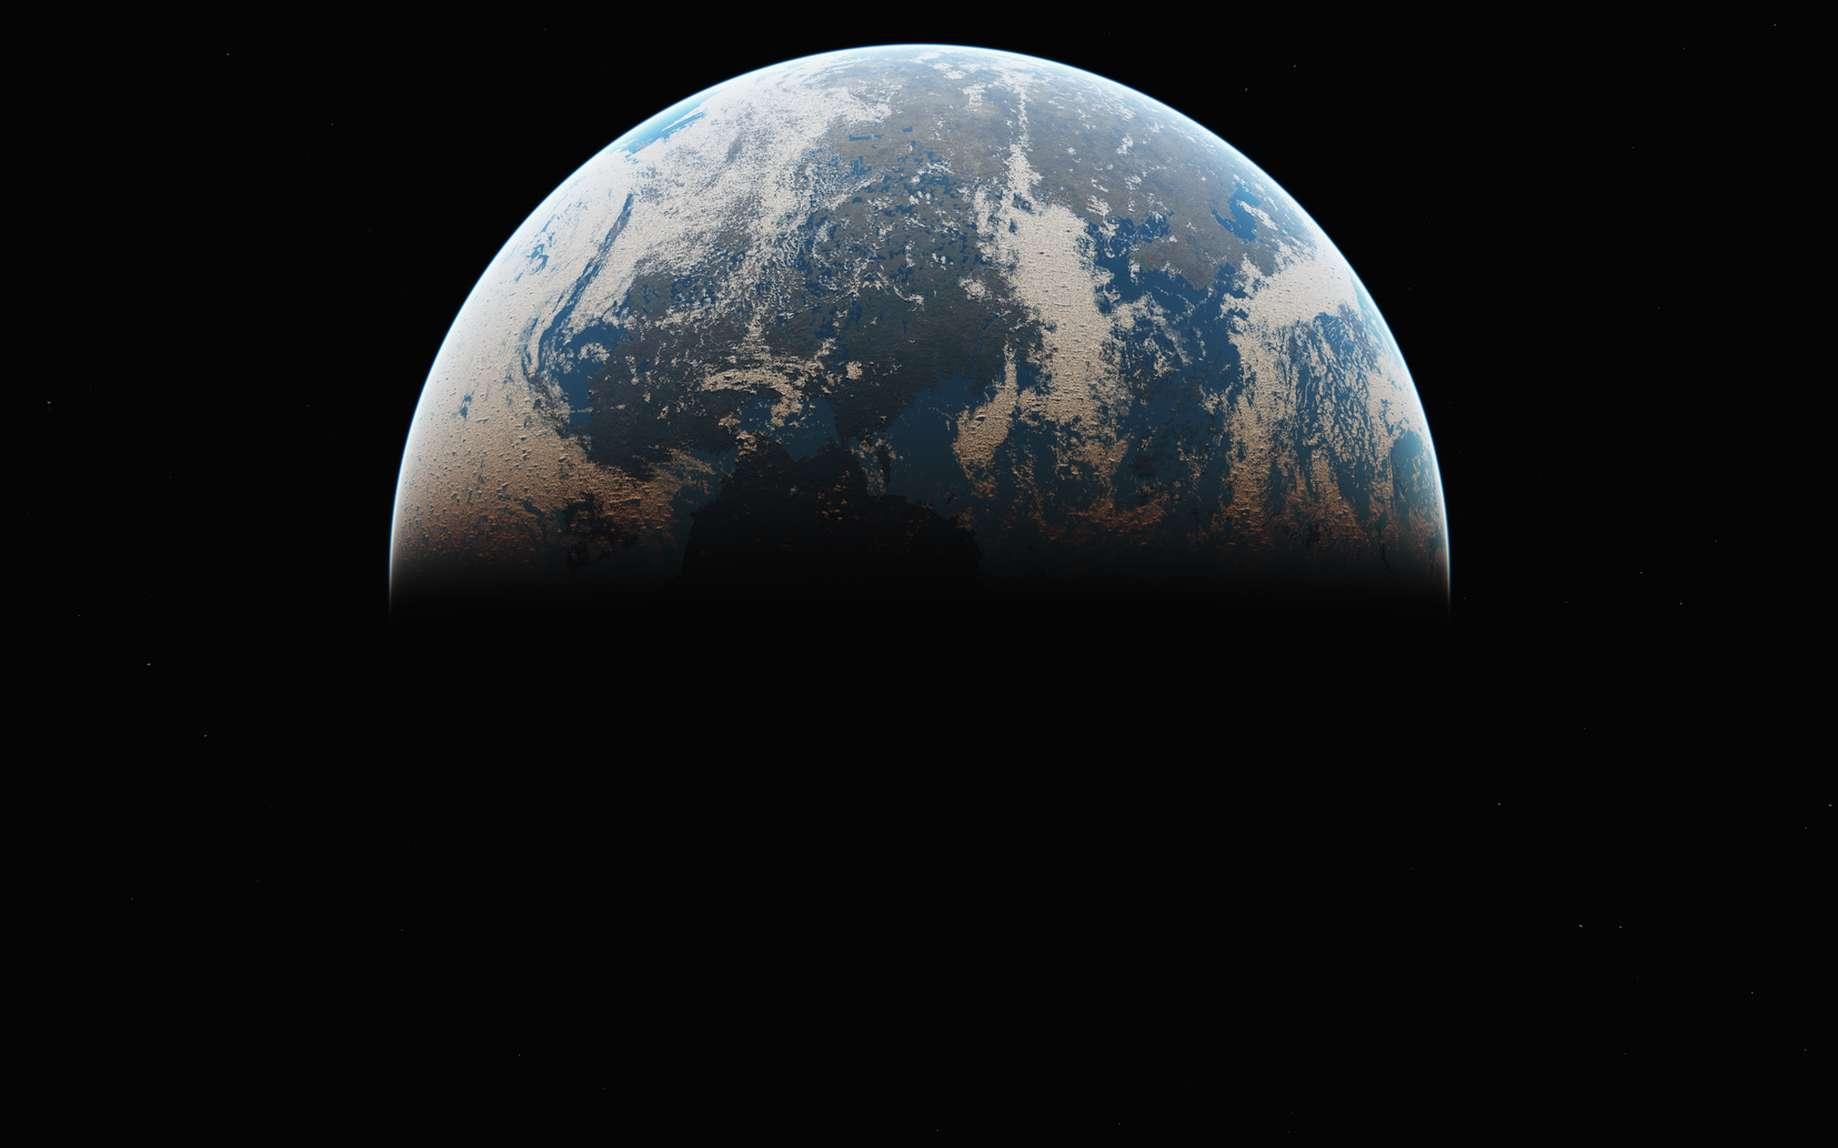 La Terre vue de l'espace. © aleksandar nakovski, fotolia